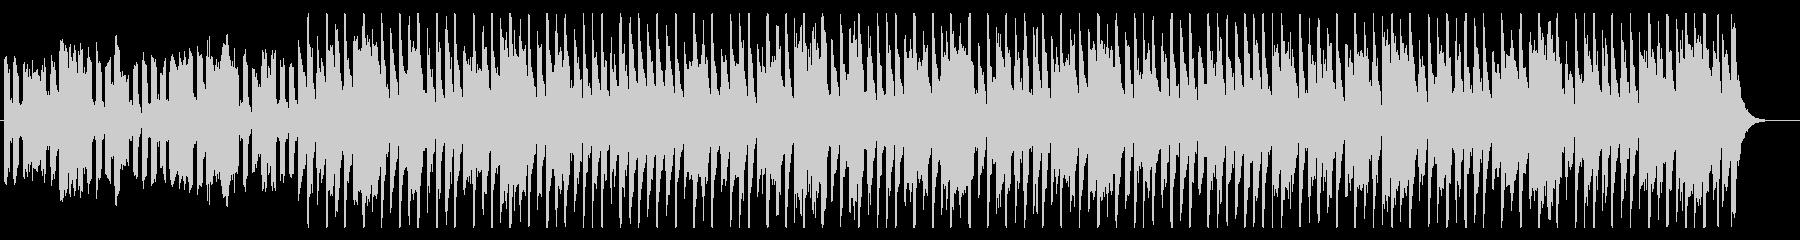 スピード感のある明暗の同居するEDMの未再生の波形